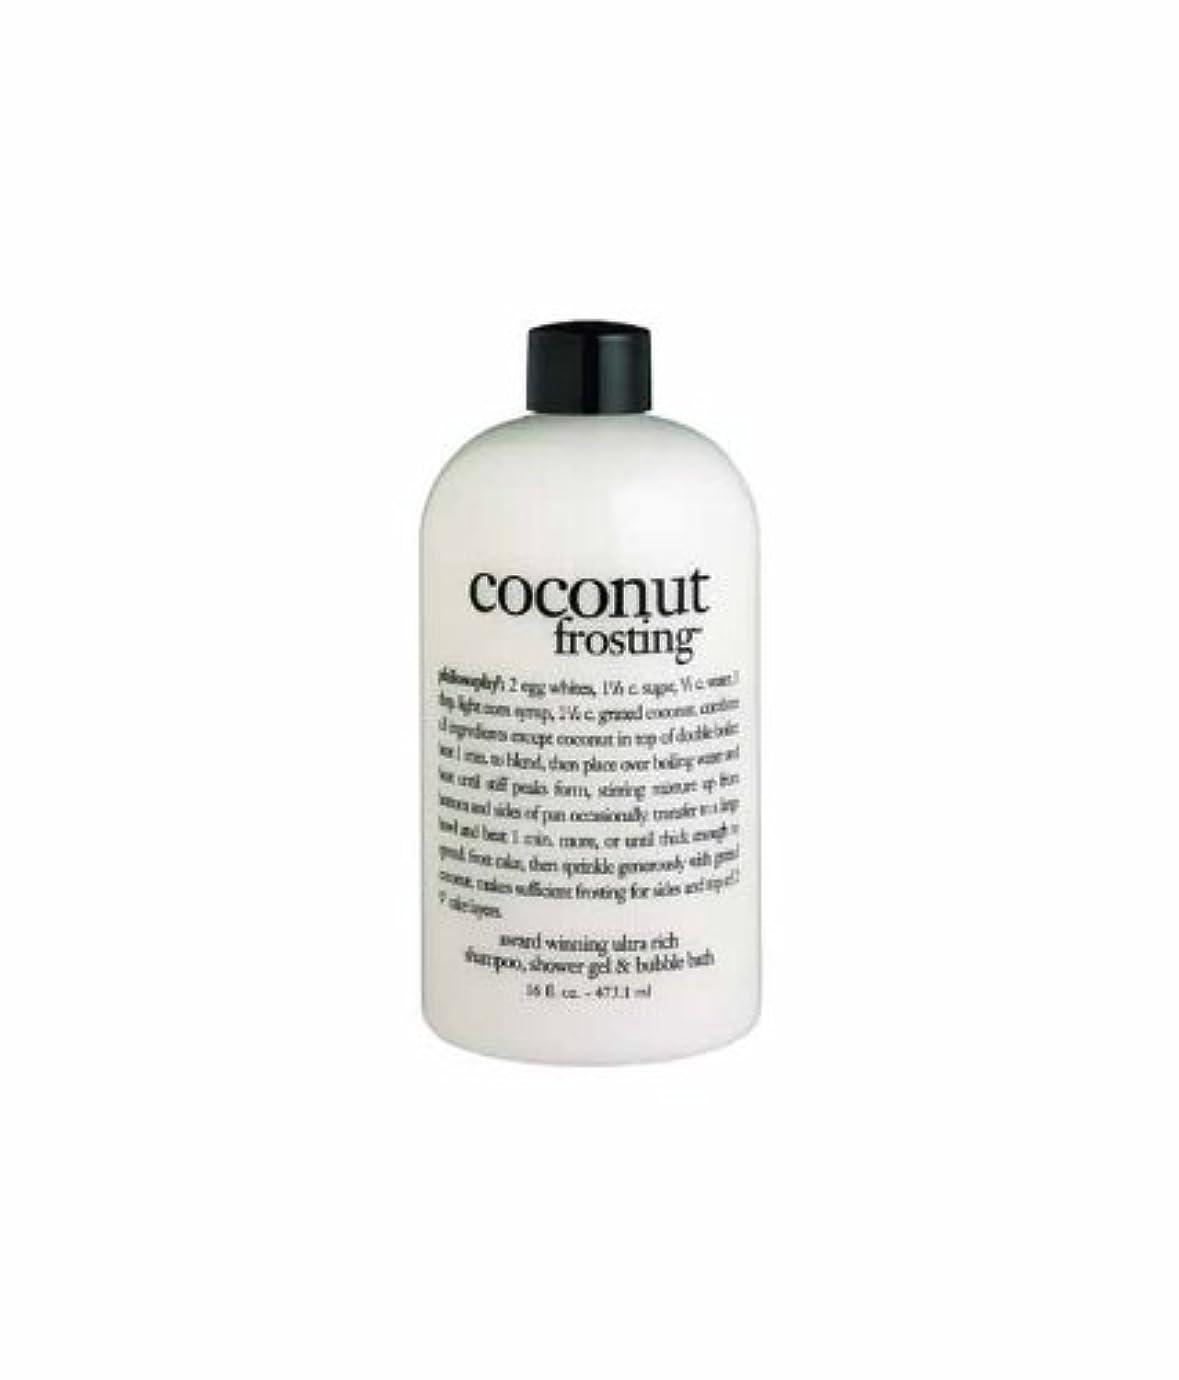 カルシウムダイアクリティカルまつげby Coconut Frosting - Shampoo, Shower Gel & Bubble Bath--480ml/16oz by Philosophy